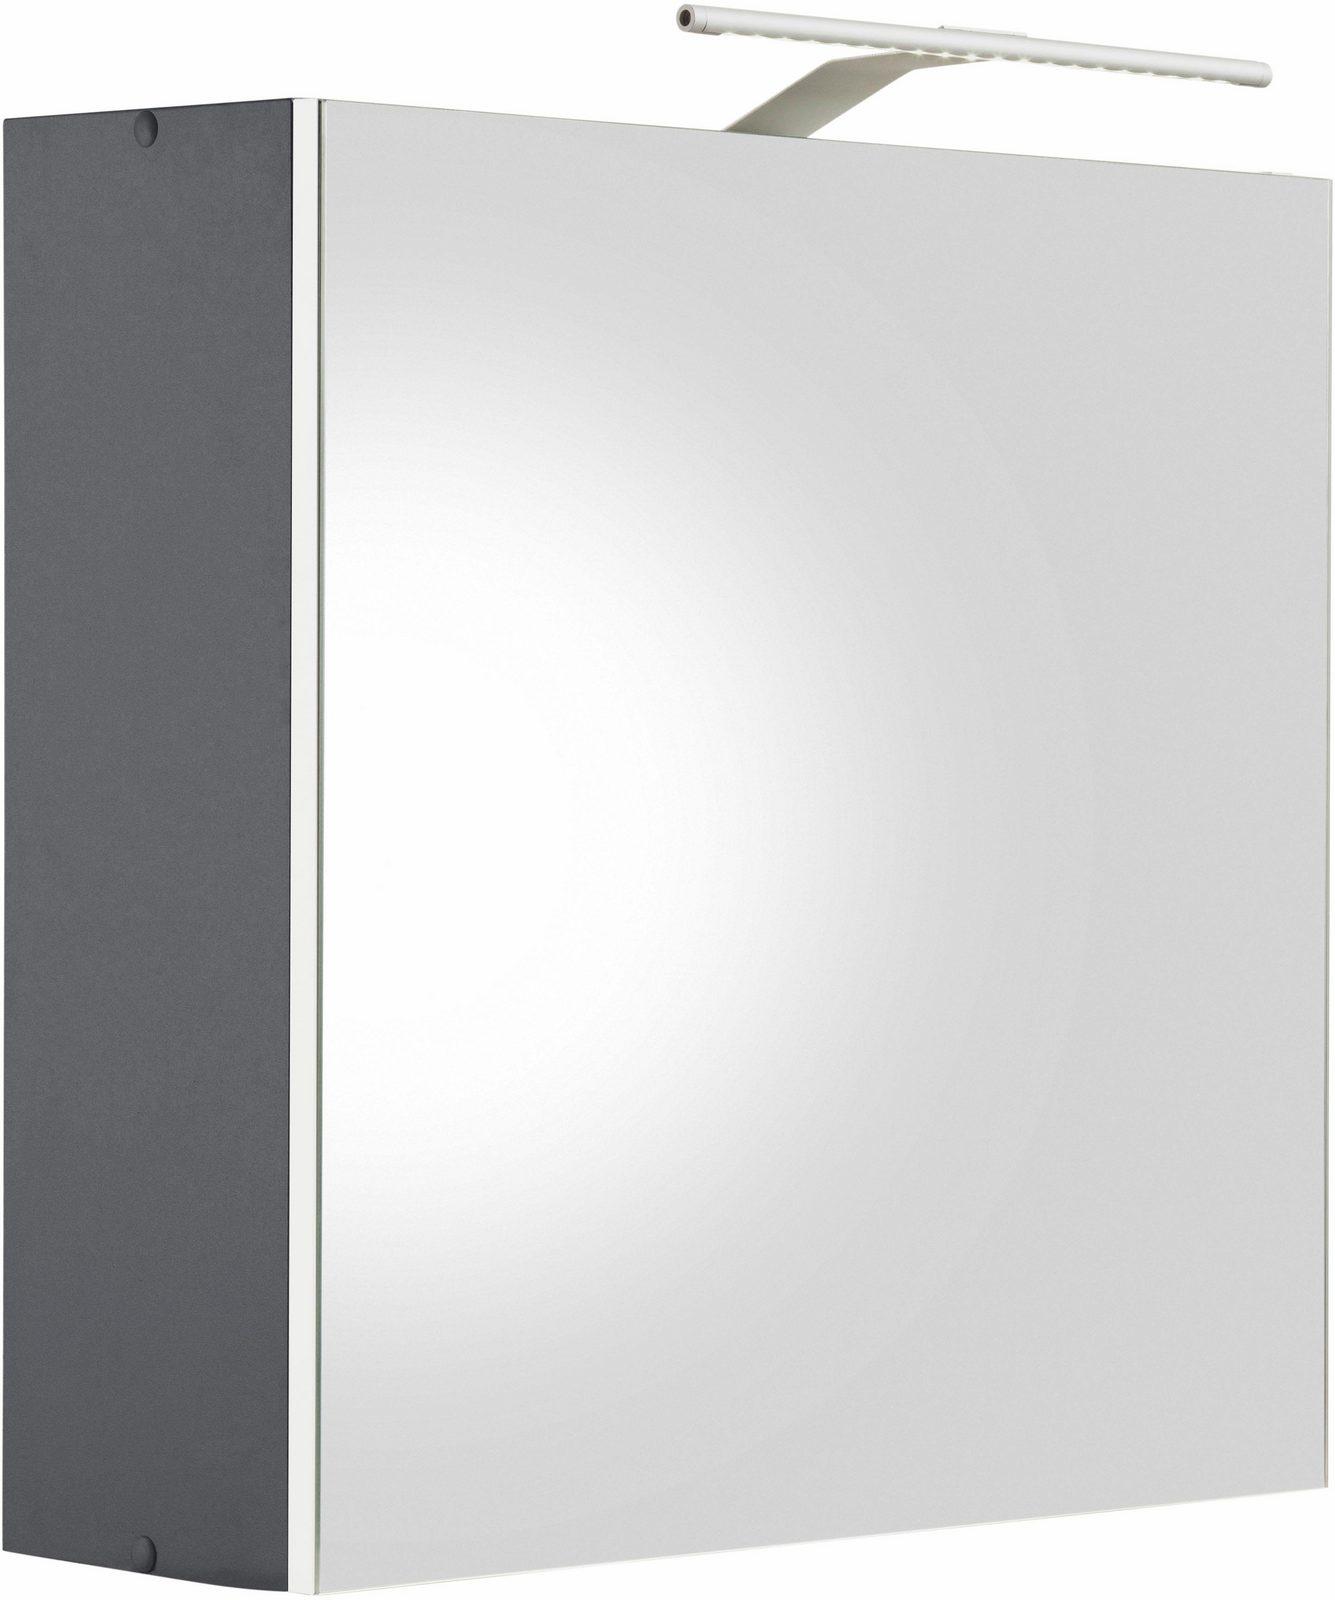 Kesper Spiegelschrank »Tessin« mit Beleuchtung - broschei